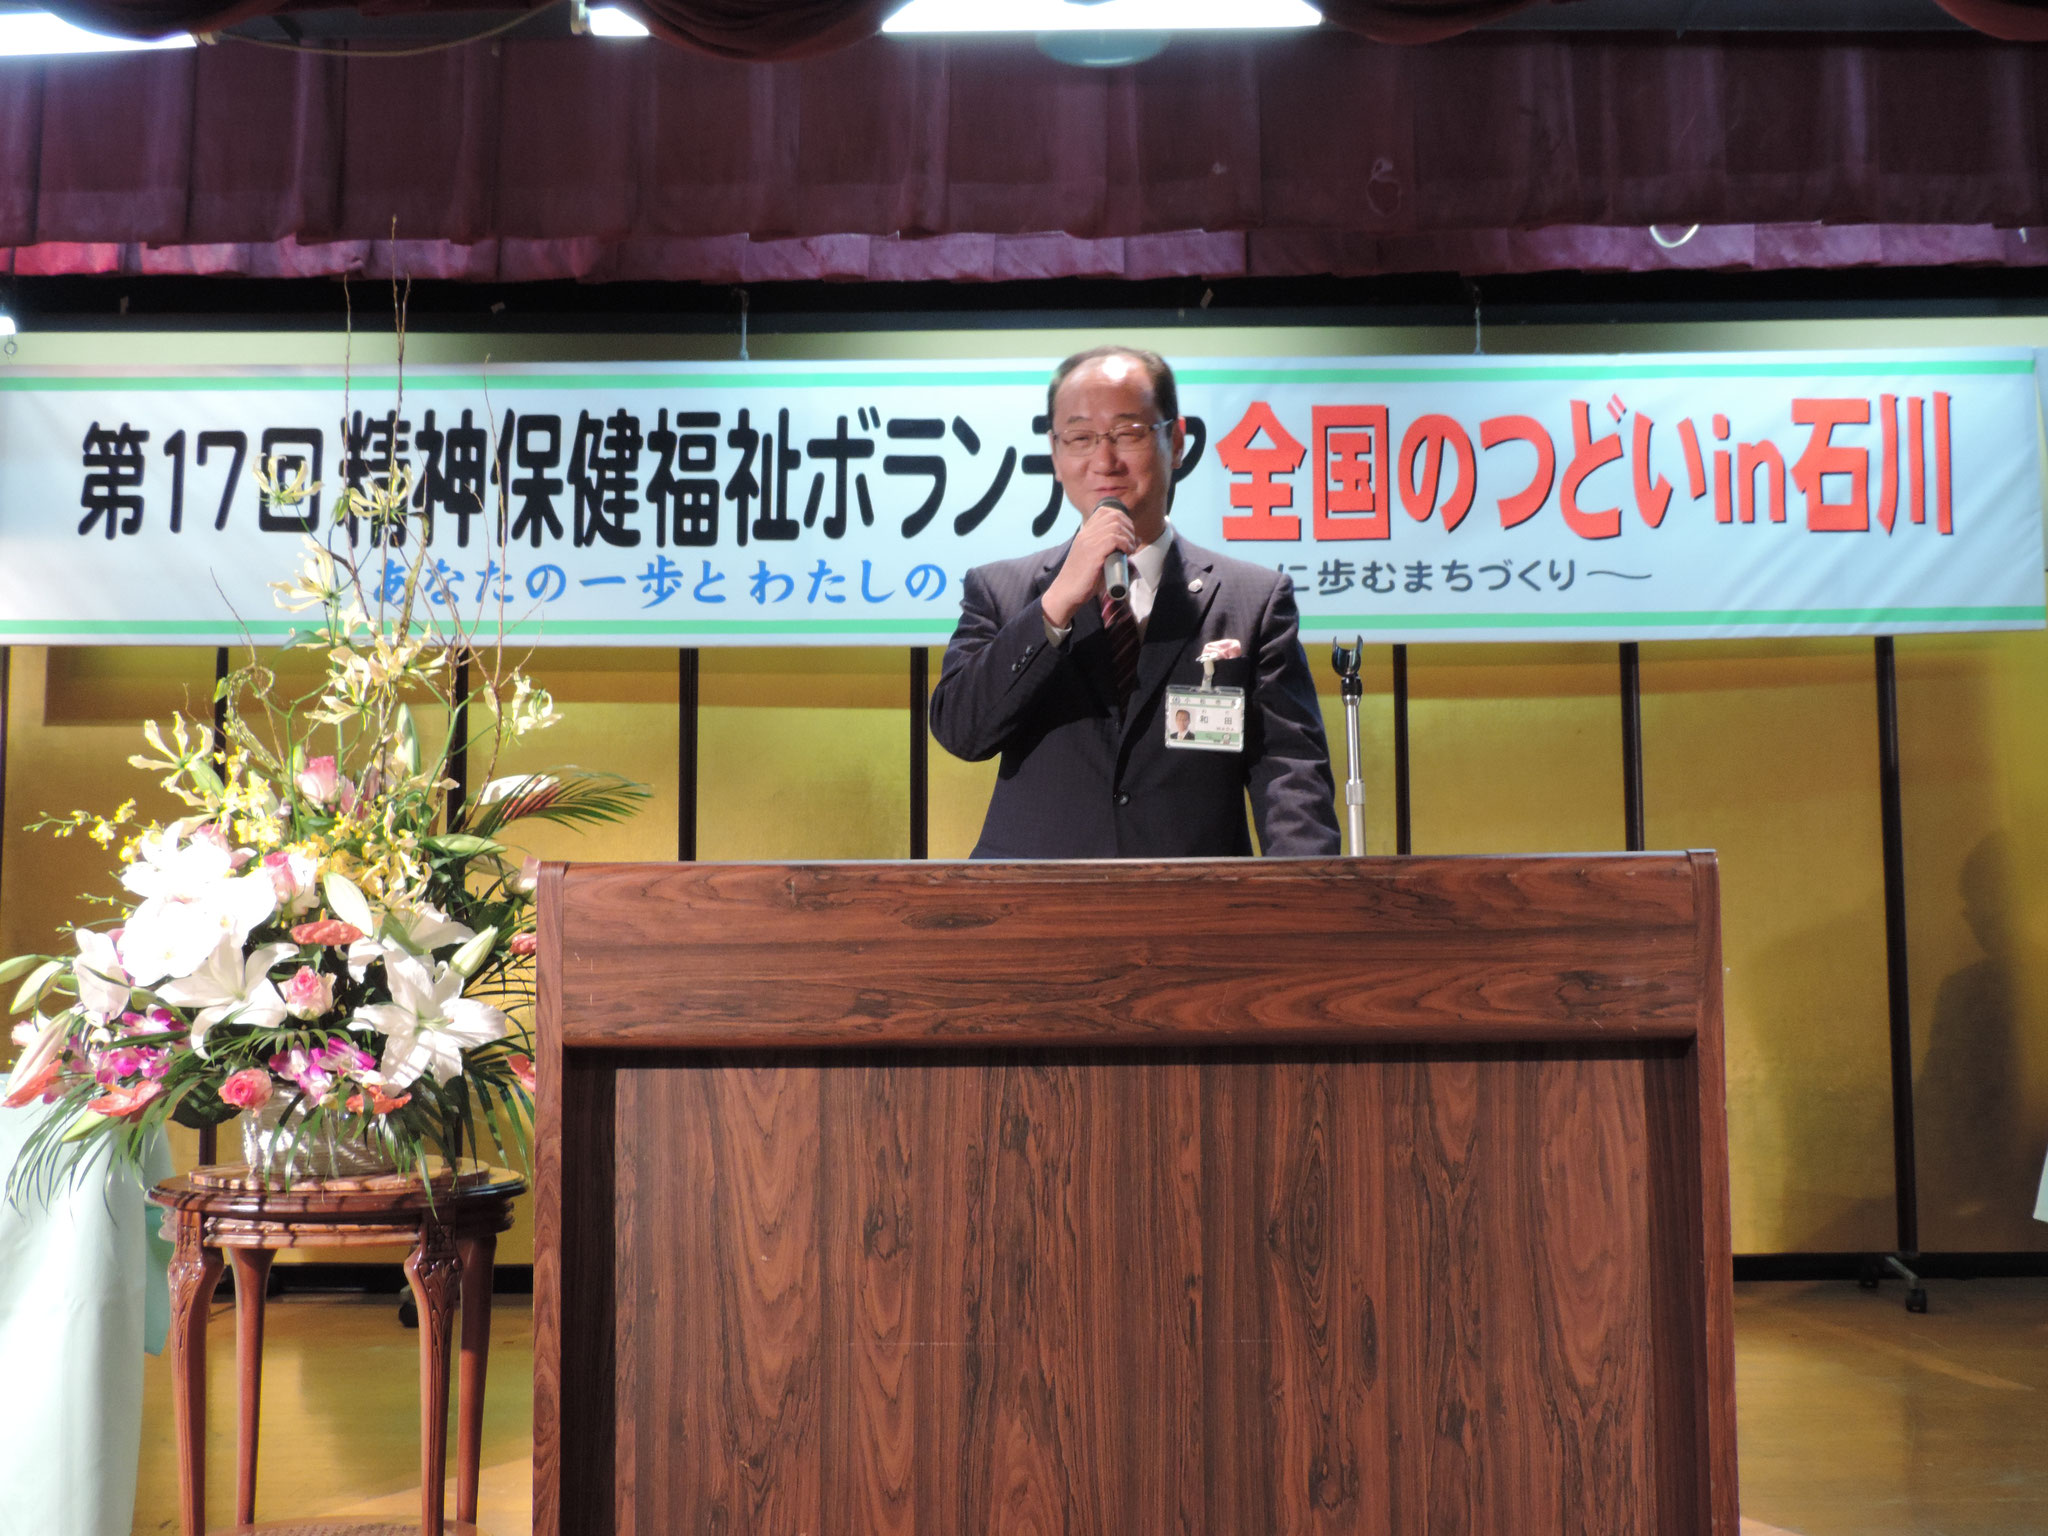 和田小松市長「ようこうそ小松粟津温泉へ・・・」